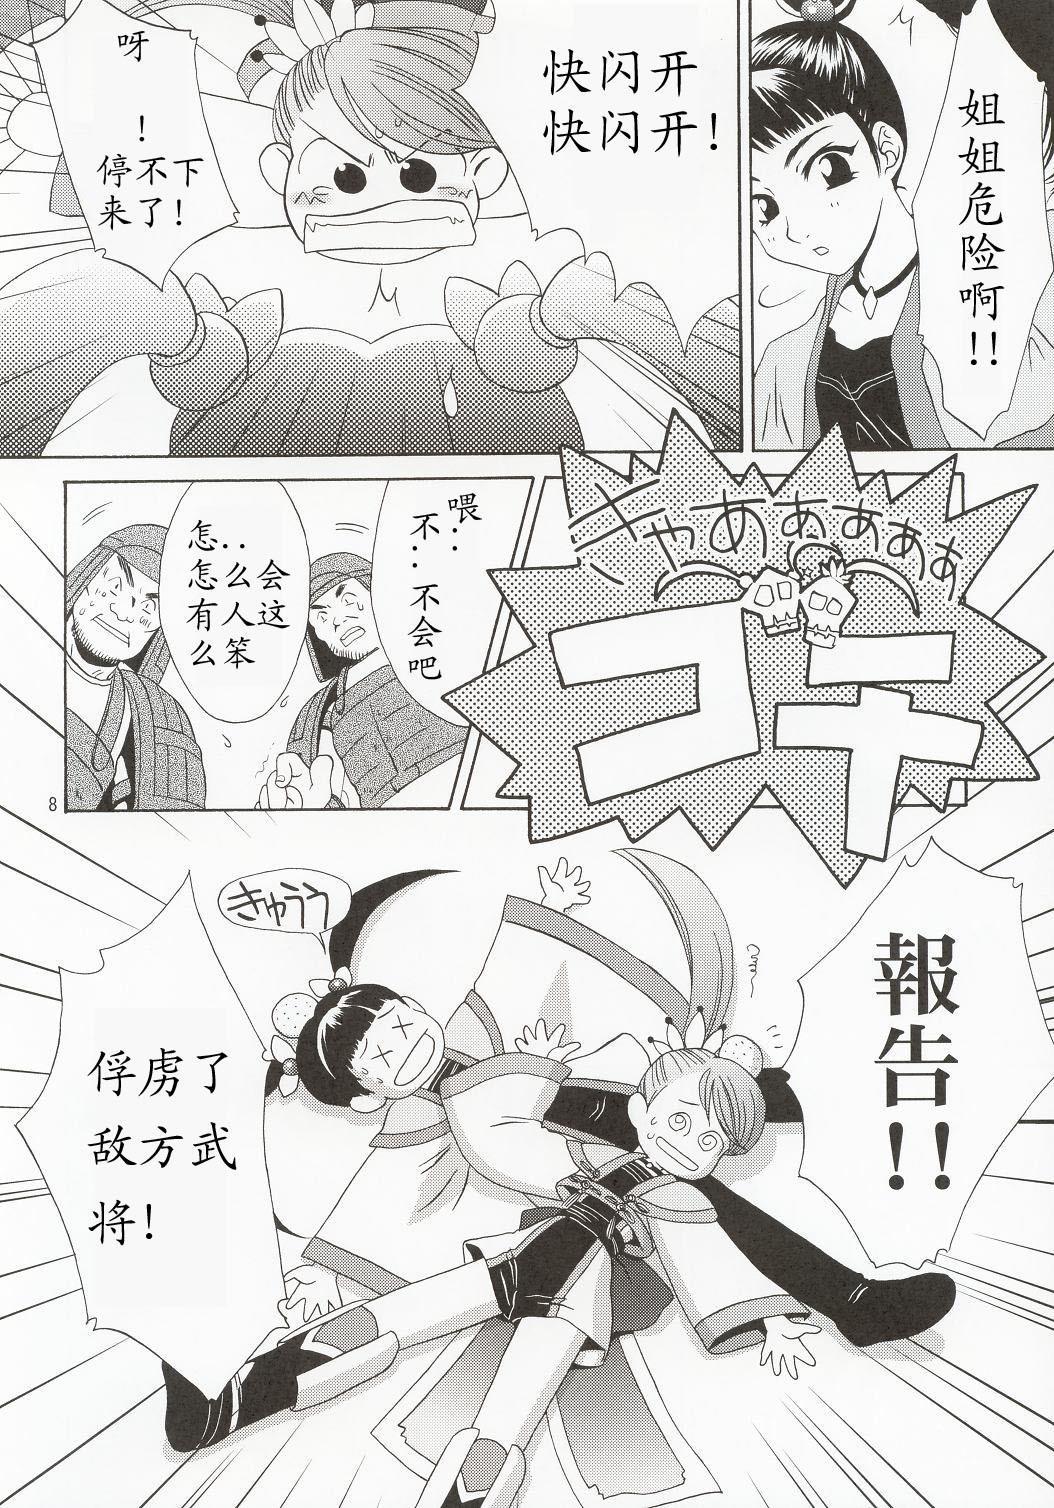 In Sangoku Musou 6